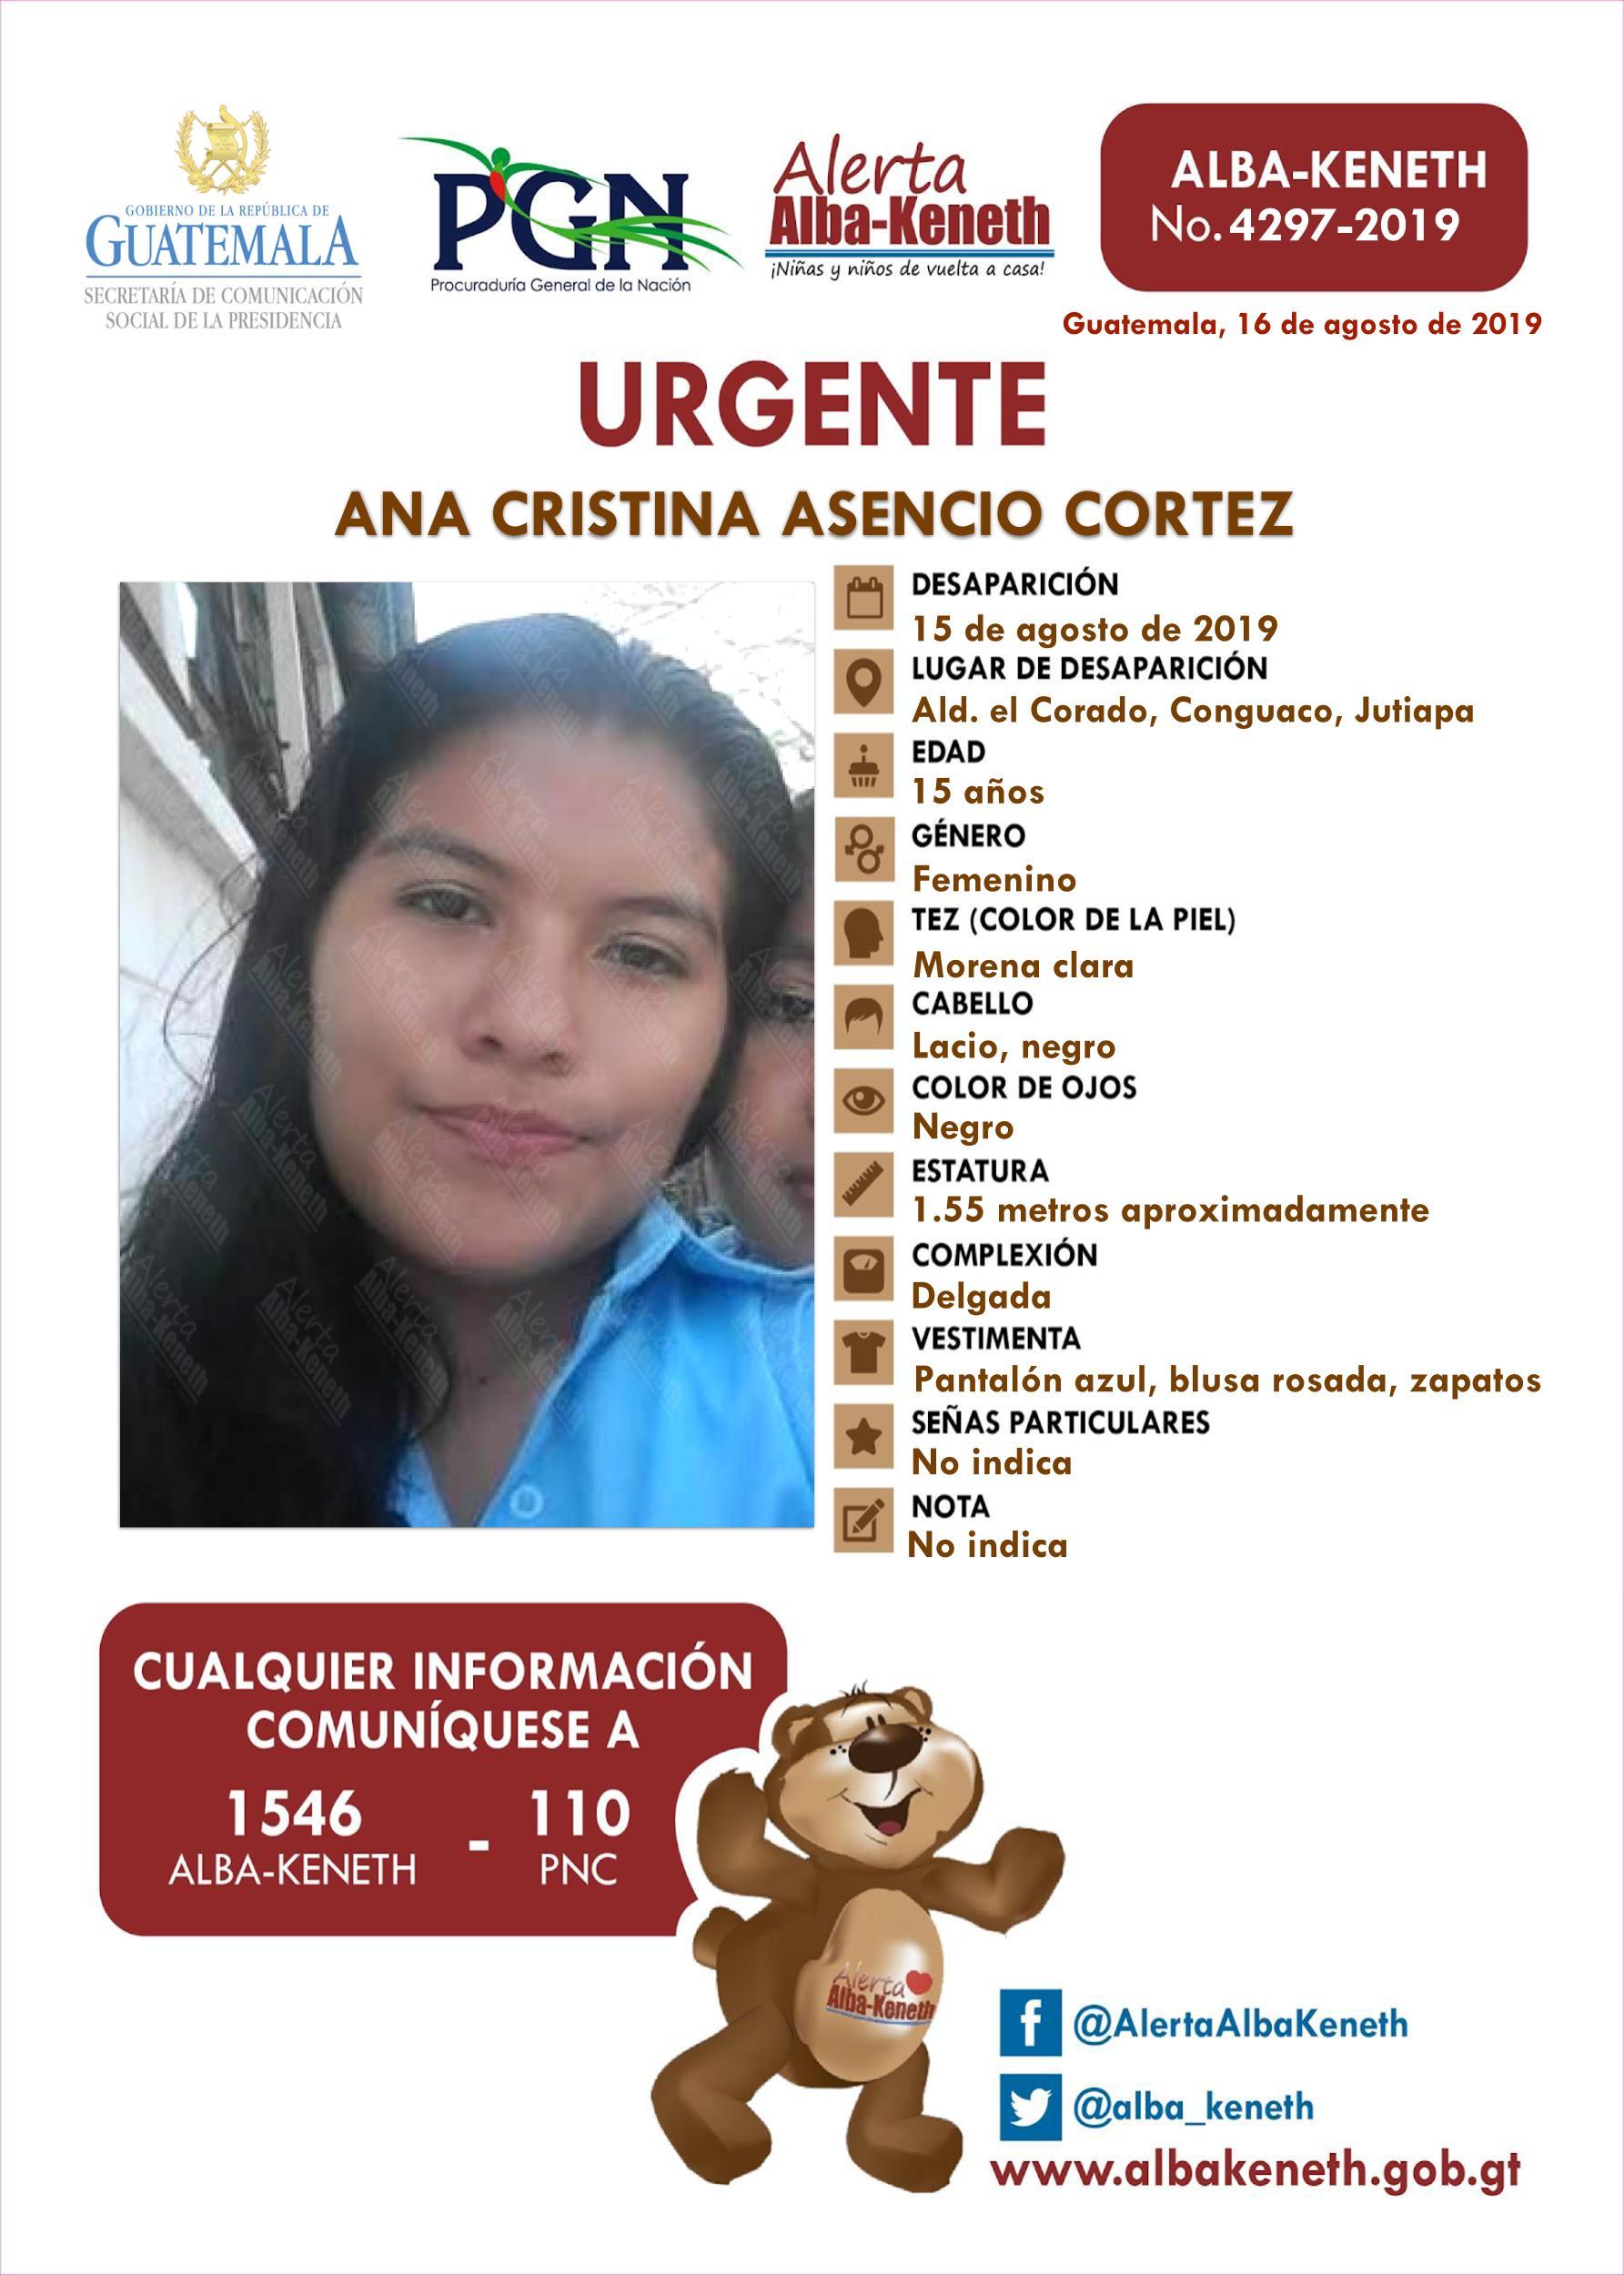 Ana Cristina Asencio Cortez